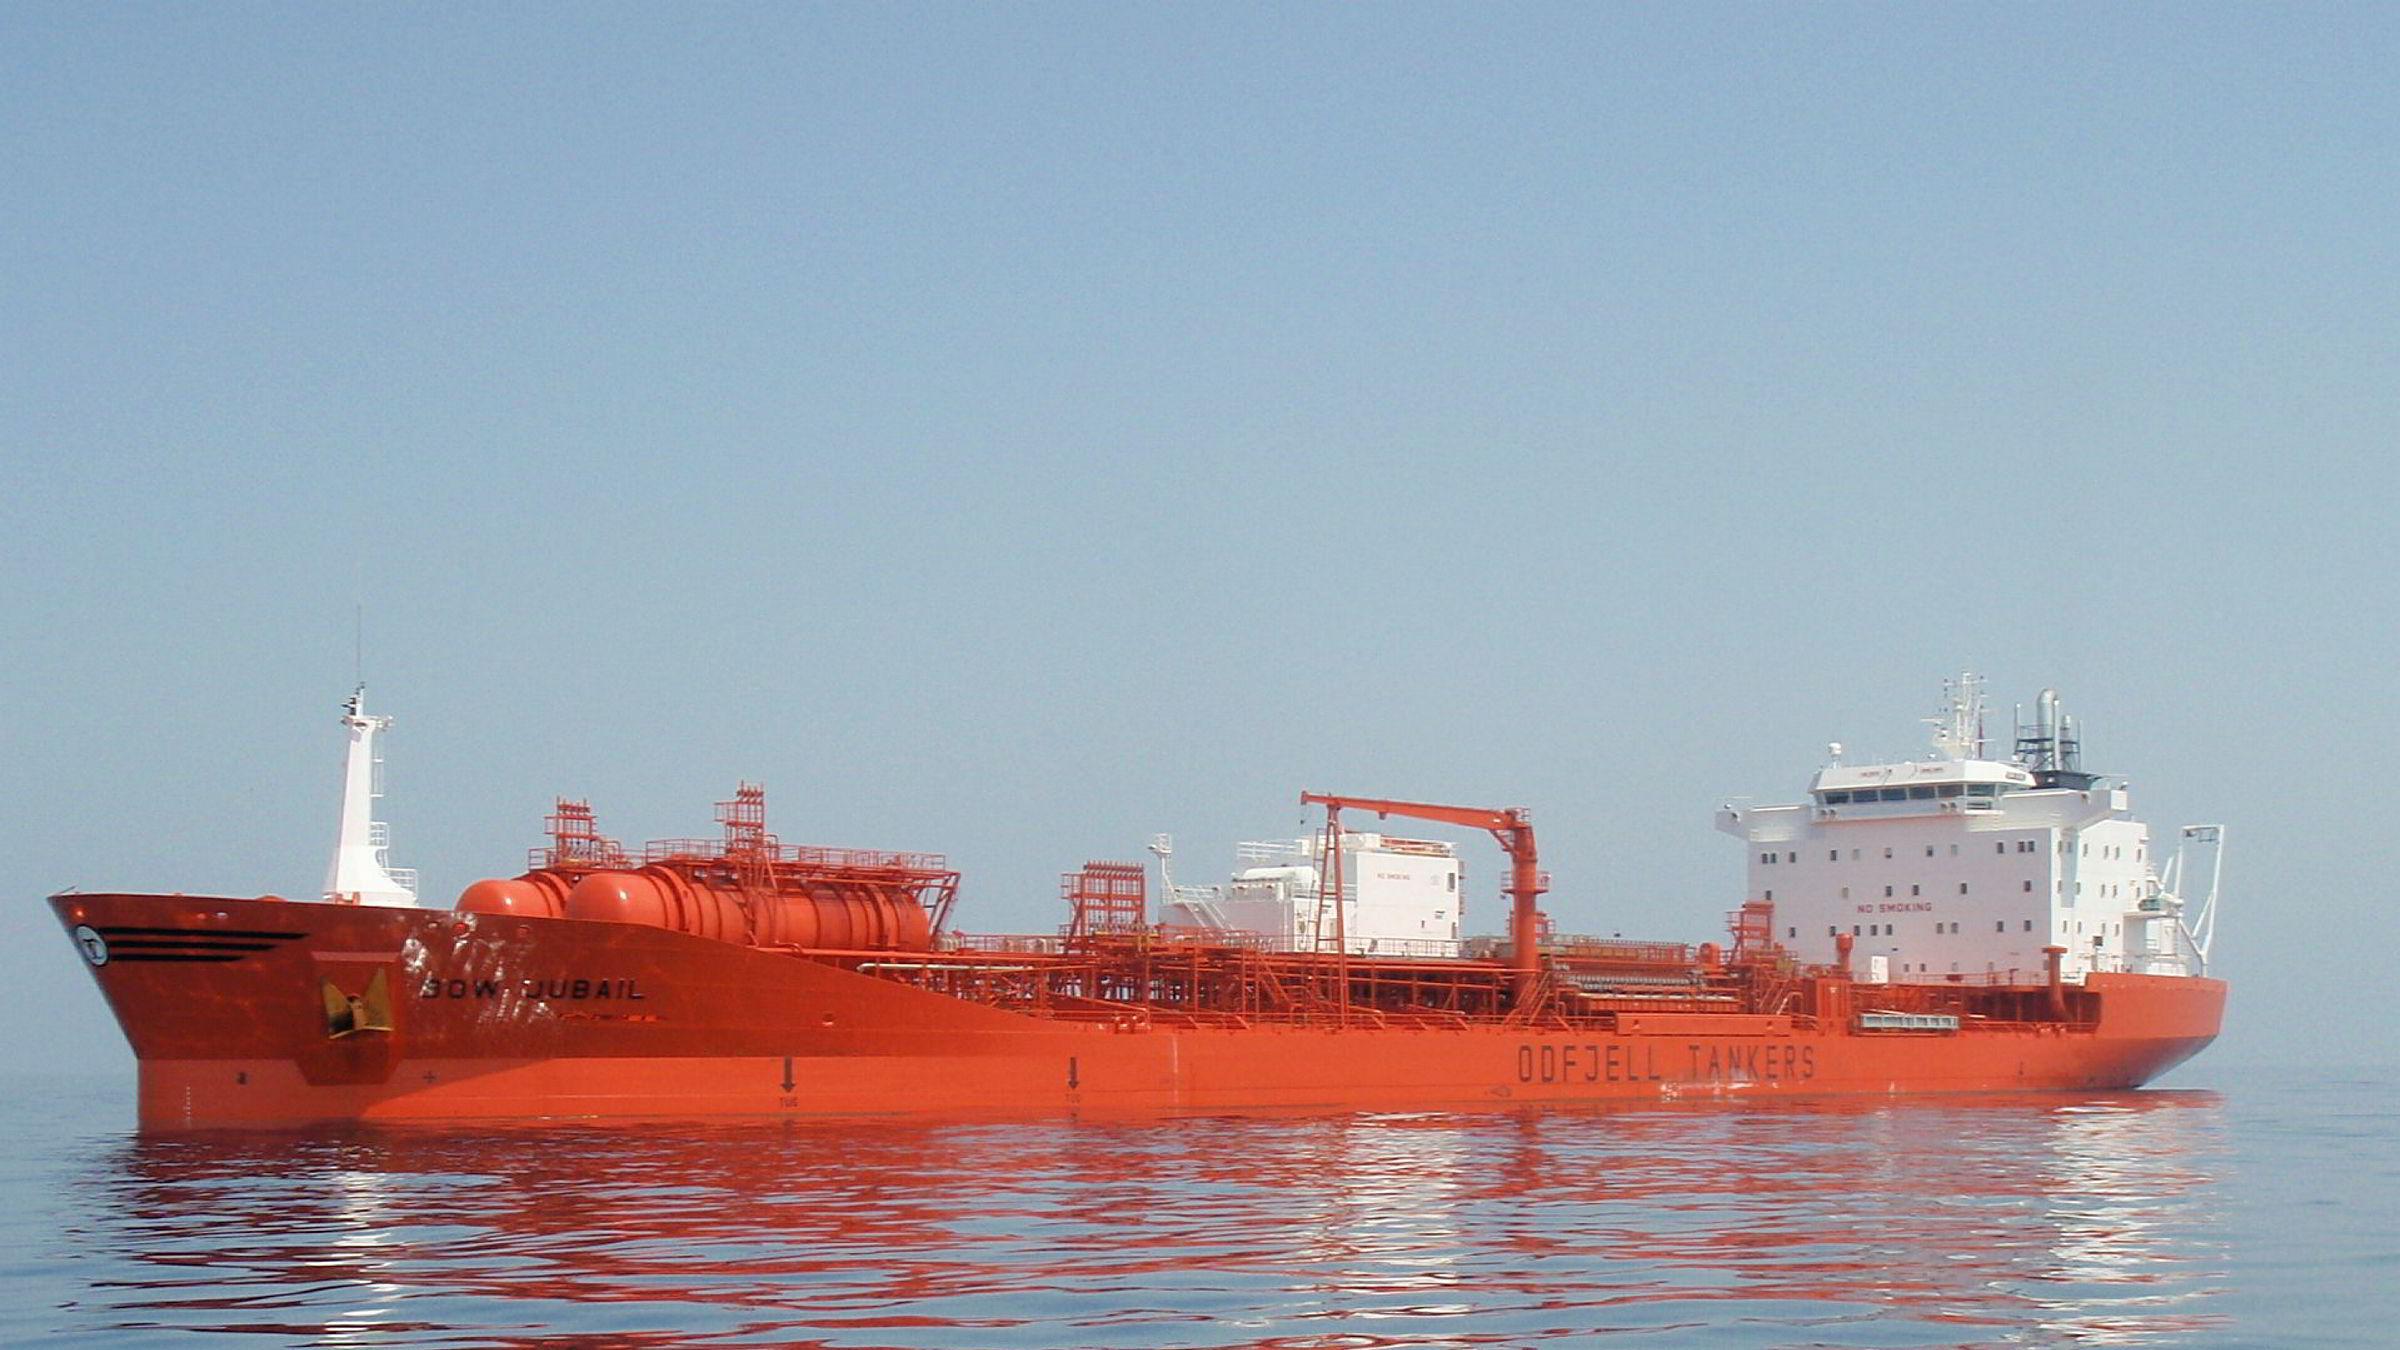 Den norskeid oljetankeren Bow Jubail traff kaia da den skulle legge til for lasting i Rotterdam. Det lakk det ut 217 tonn tung fyringsolje fra et hull i skroget. Lekkasjen er stoppet og det skal ikke være risiko for ytterligere utslipp. Rotterdam 24. juni 2018.